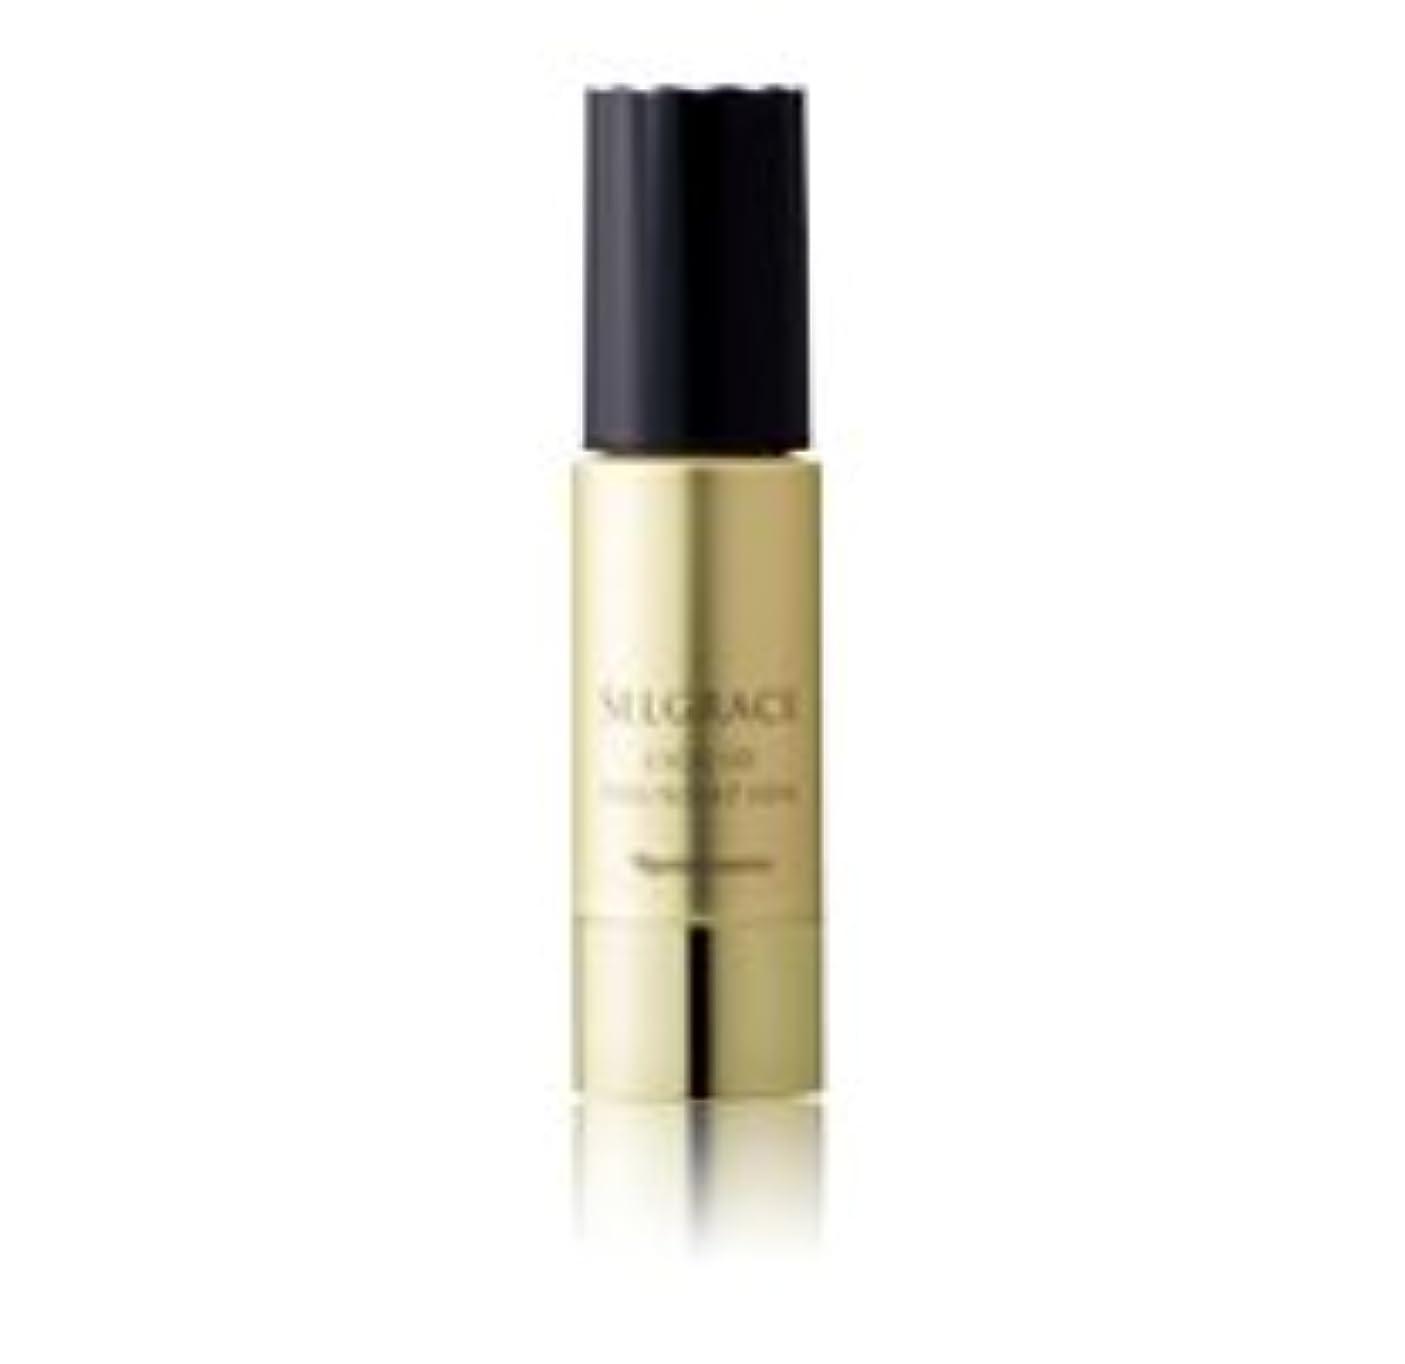 添加延ばすファンブルナリス化粧品セルグレース リキッドファンデーション30mL[SPF30 PA++]750